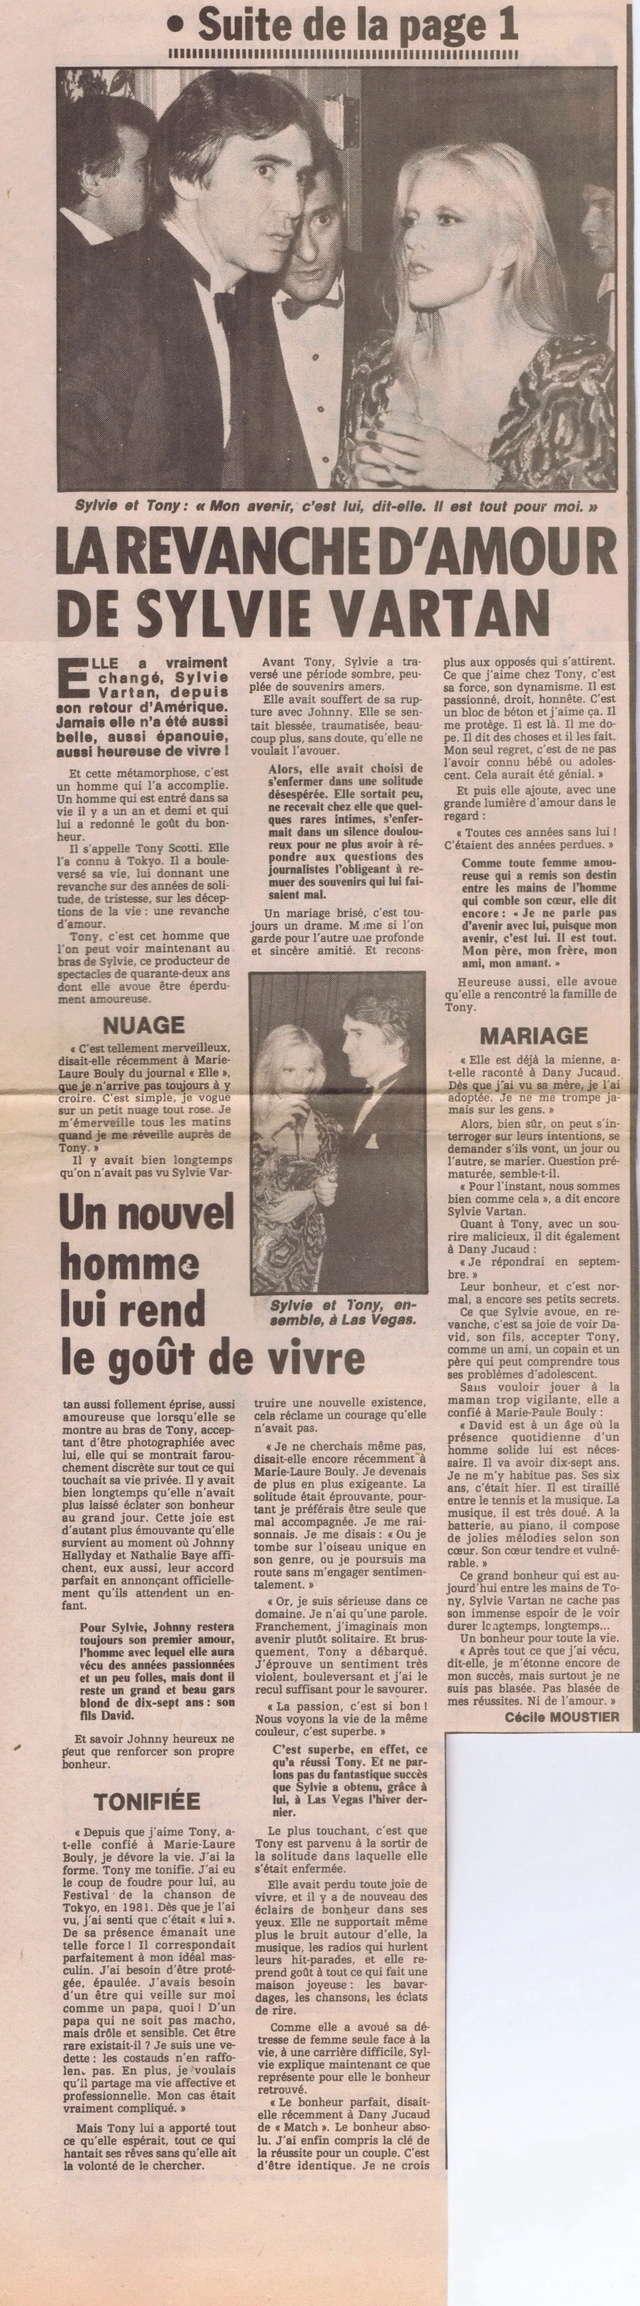 """Discographie N° 39 (COMPLEMENT) """"LA PREMIERE FOIS QU'ON S'AIMERA"""" - Page 3 France55"""